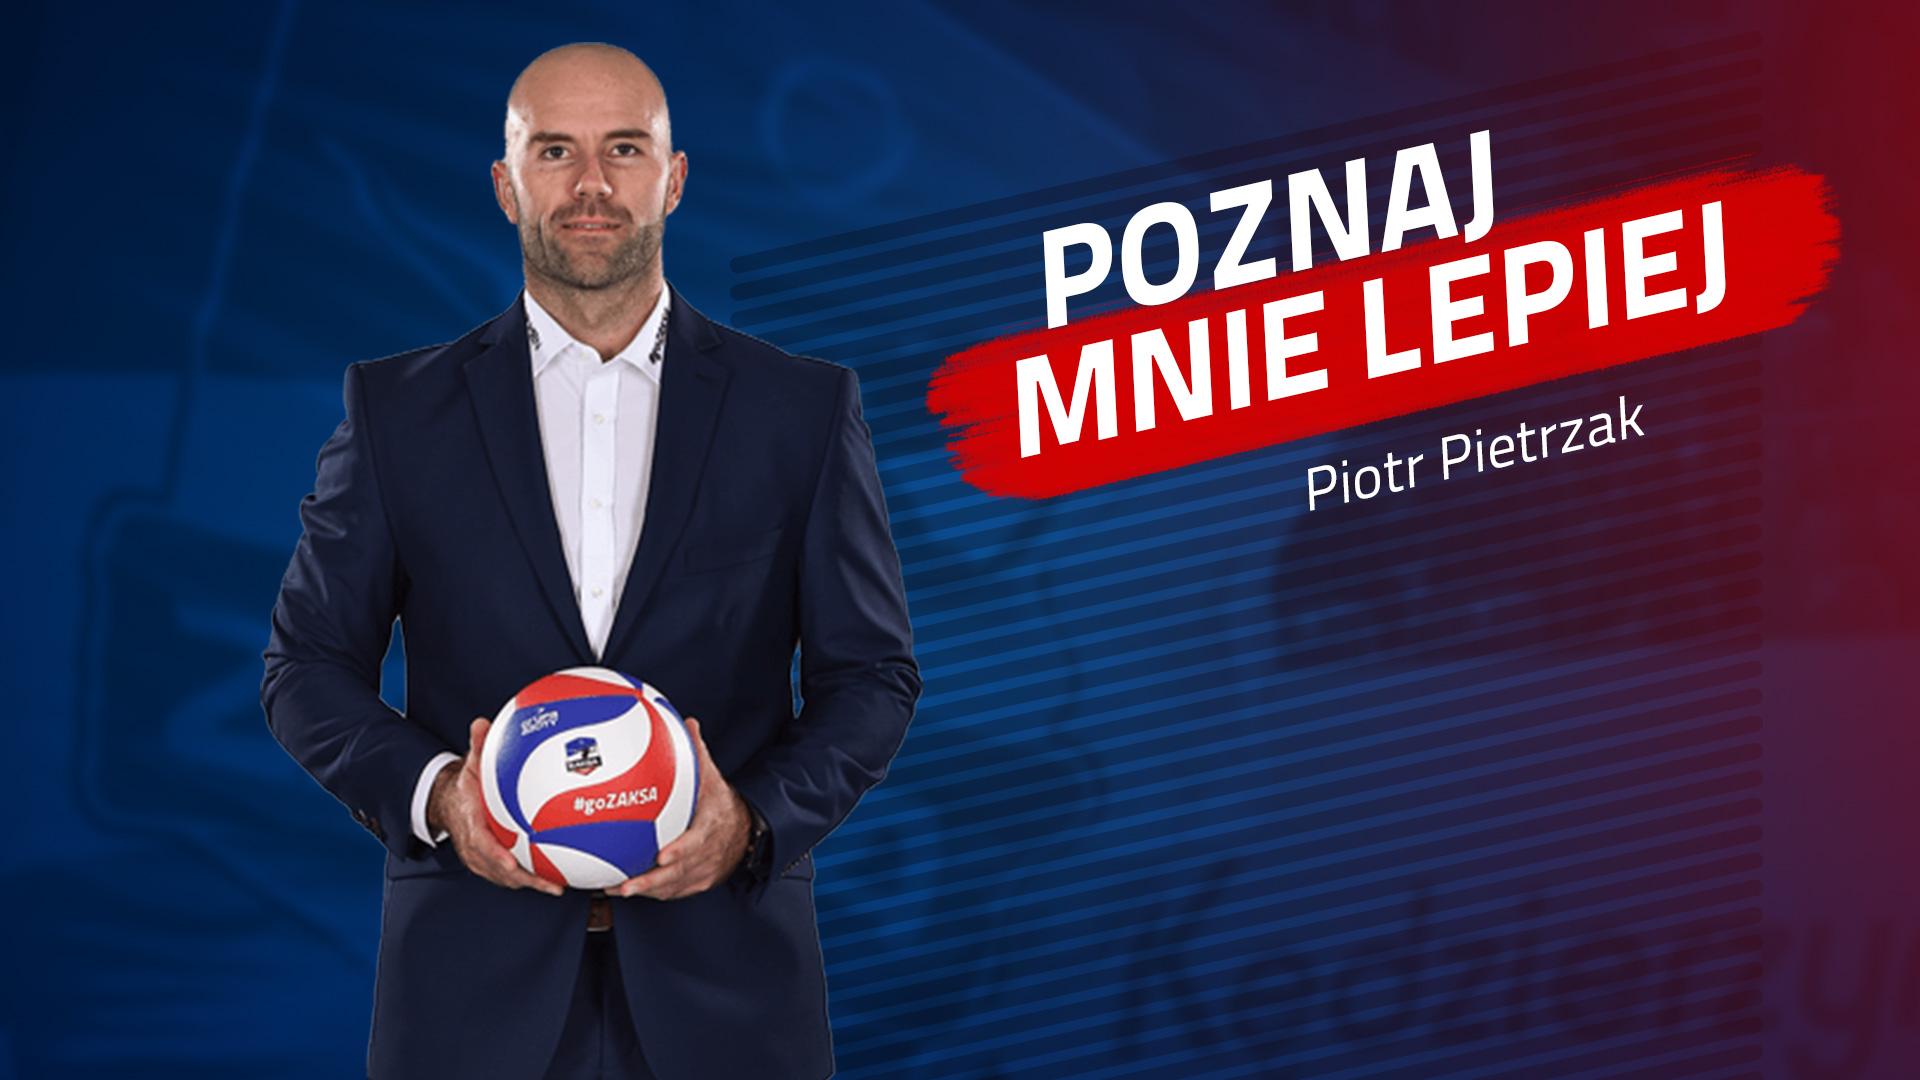 Poznaj mnie lepiej: Piotr Pietrzak